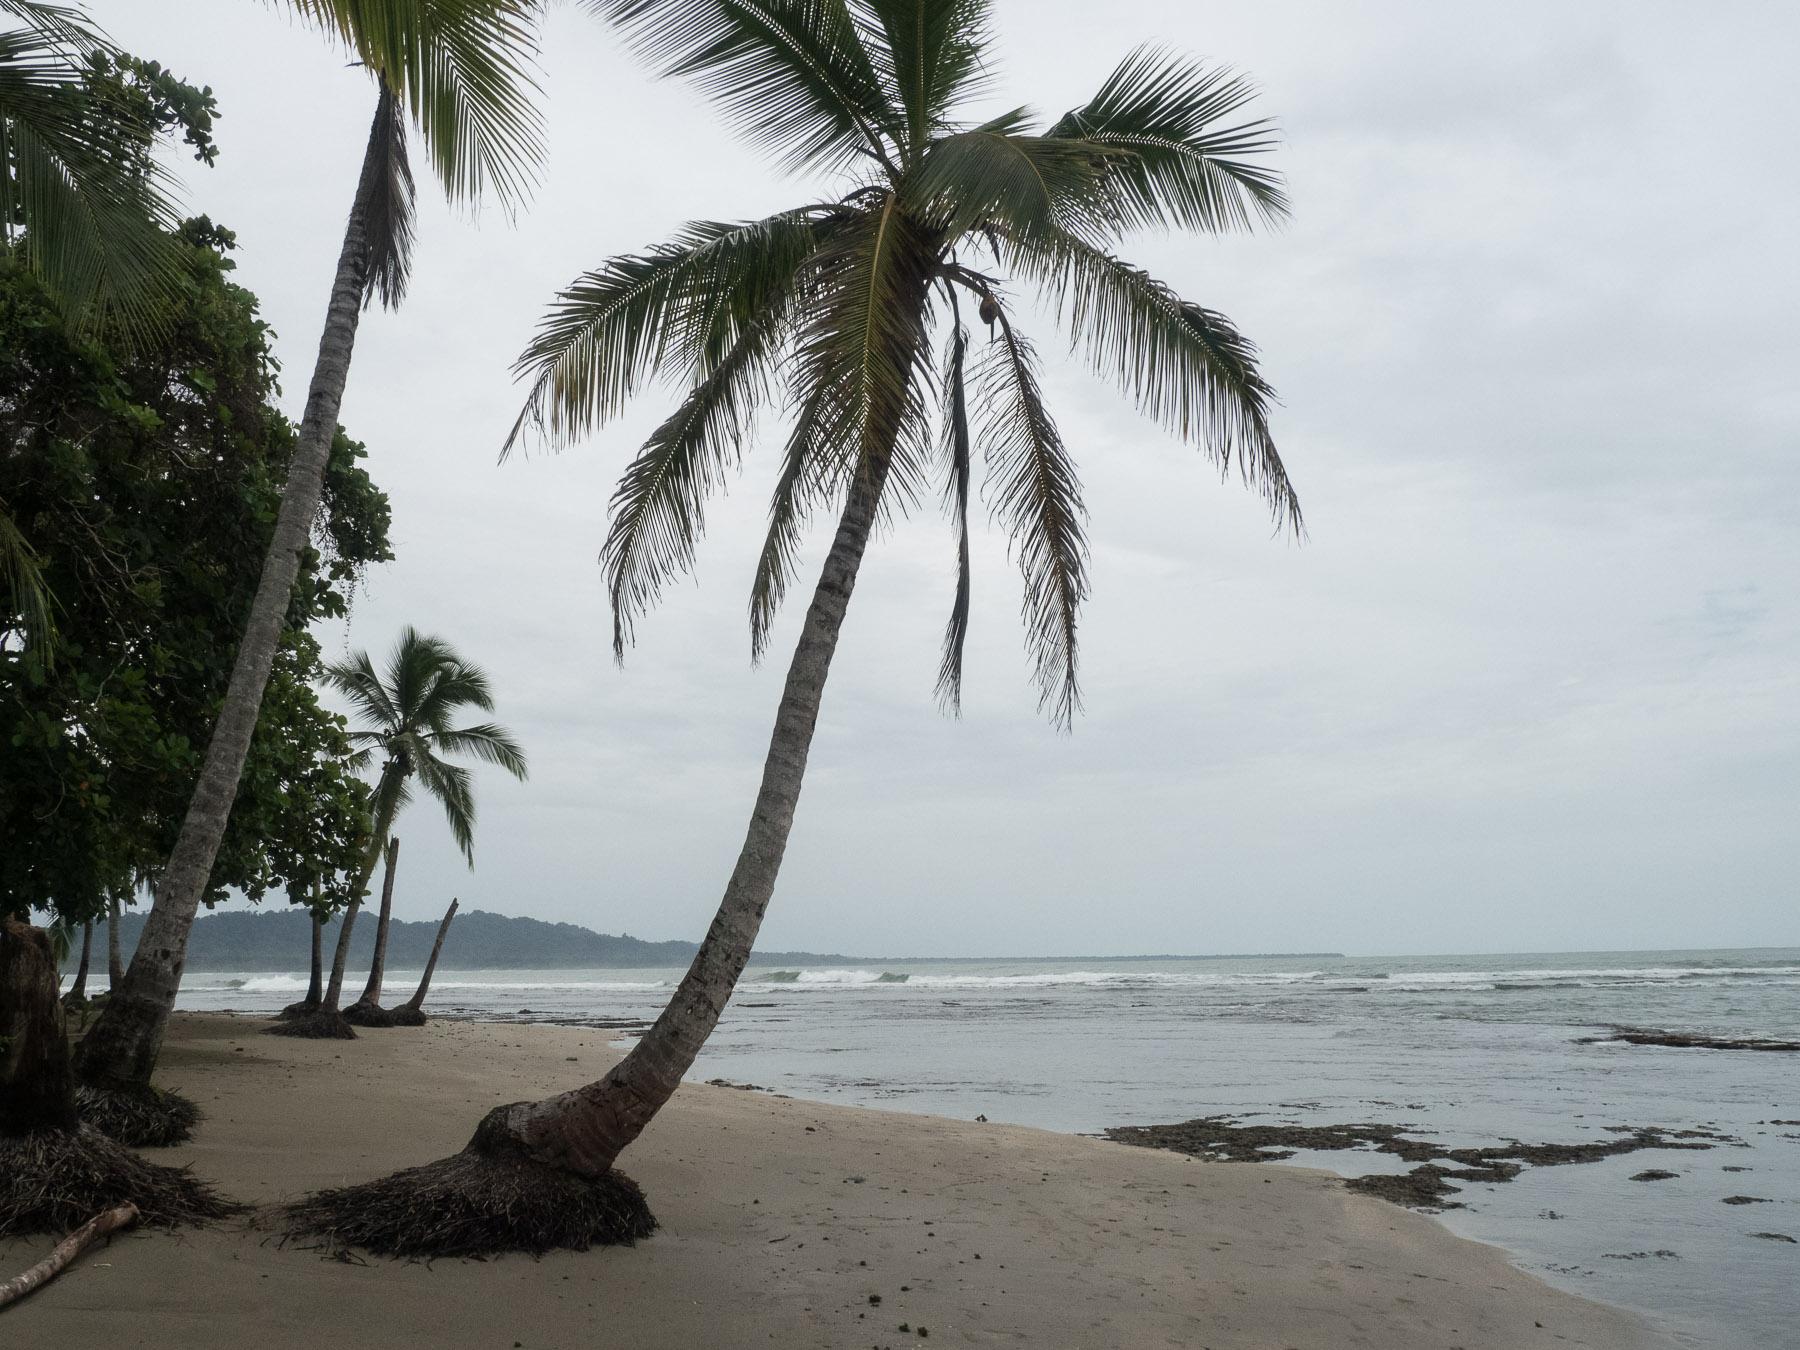 Melancholische Stimmung am Strand